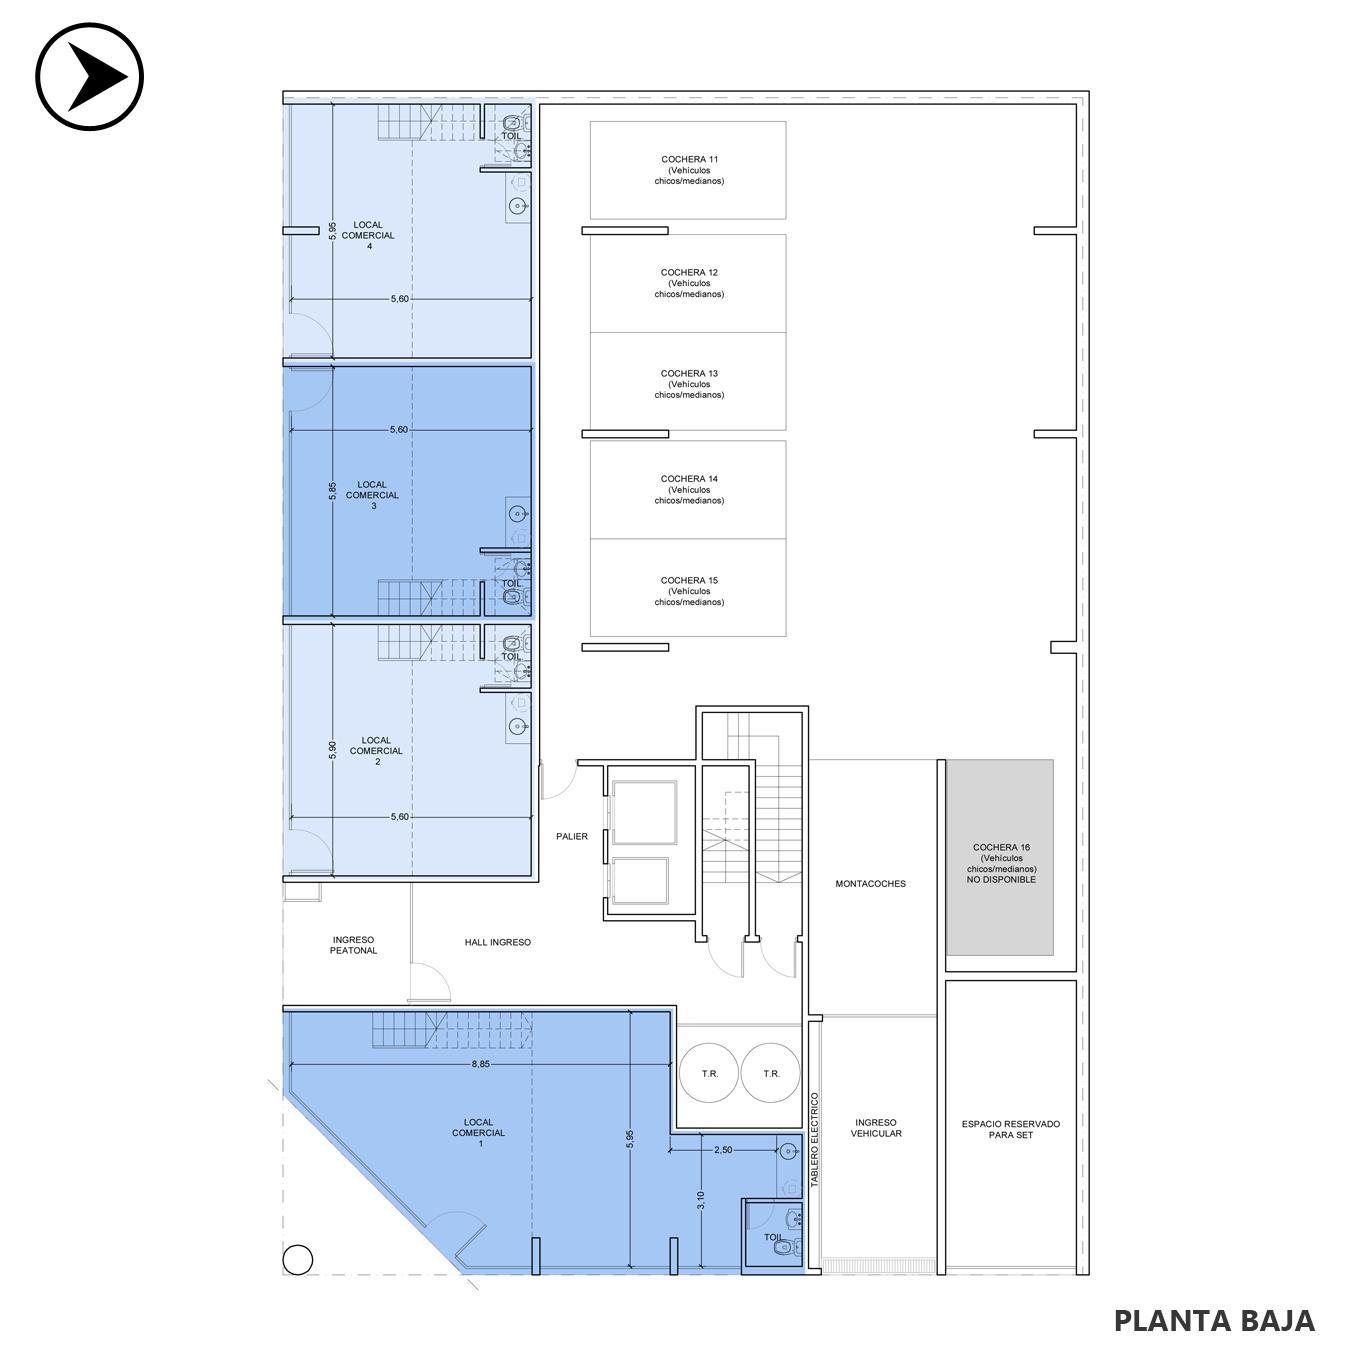 Venta departamento 1 dormitorio Rosario, República De La Sexta. Cod CBU24602 AP2290651. Crestale Propiedades